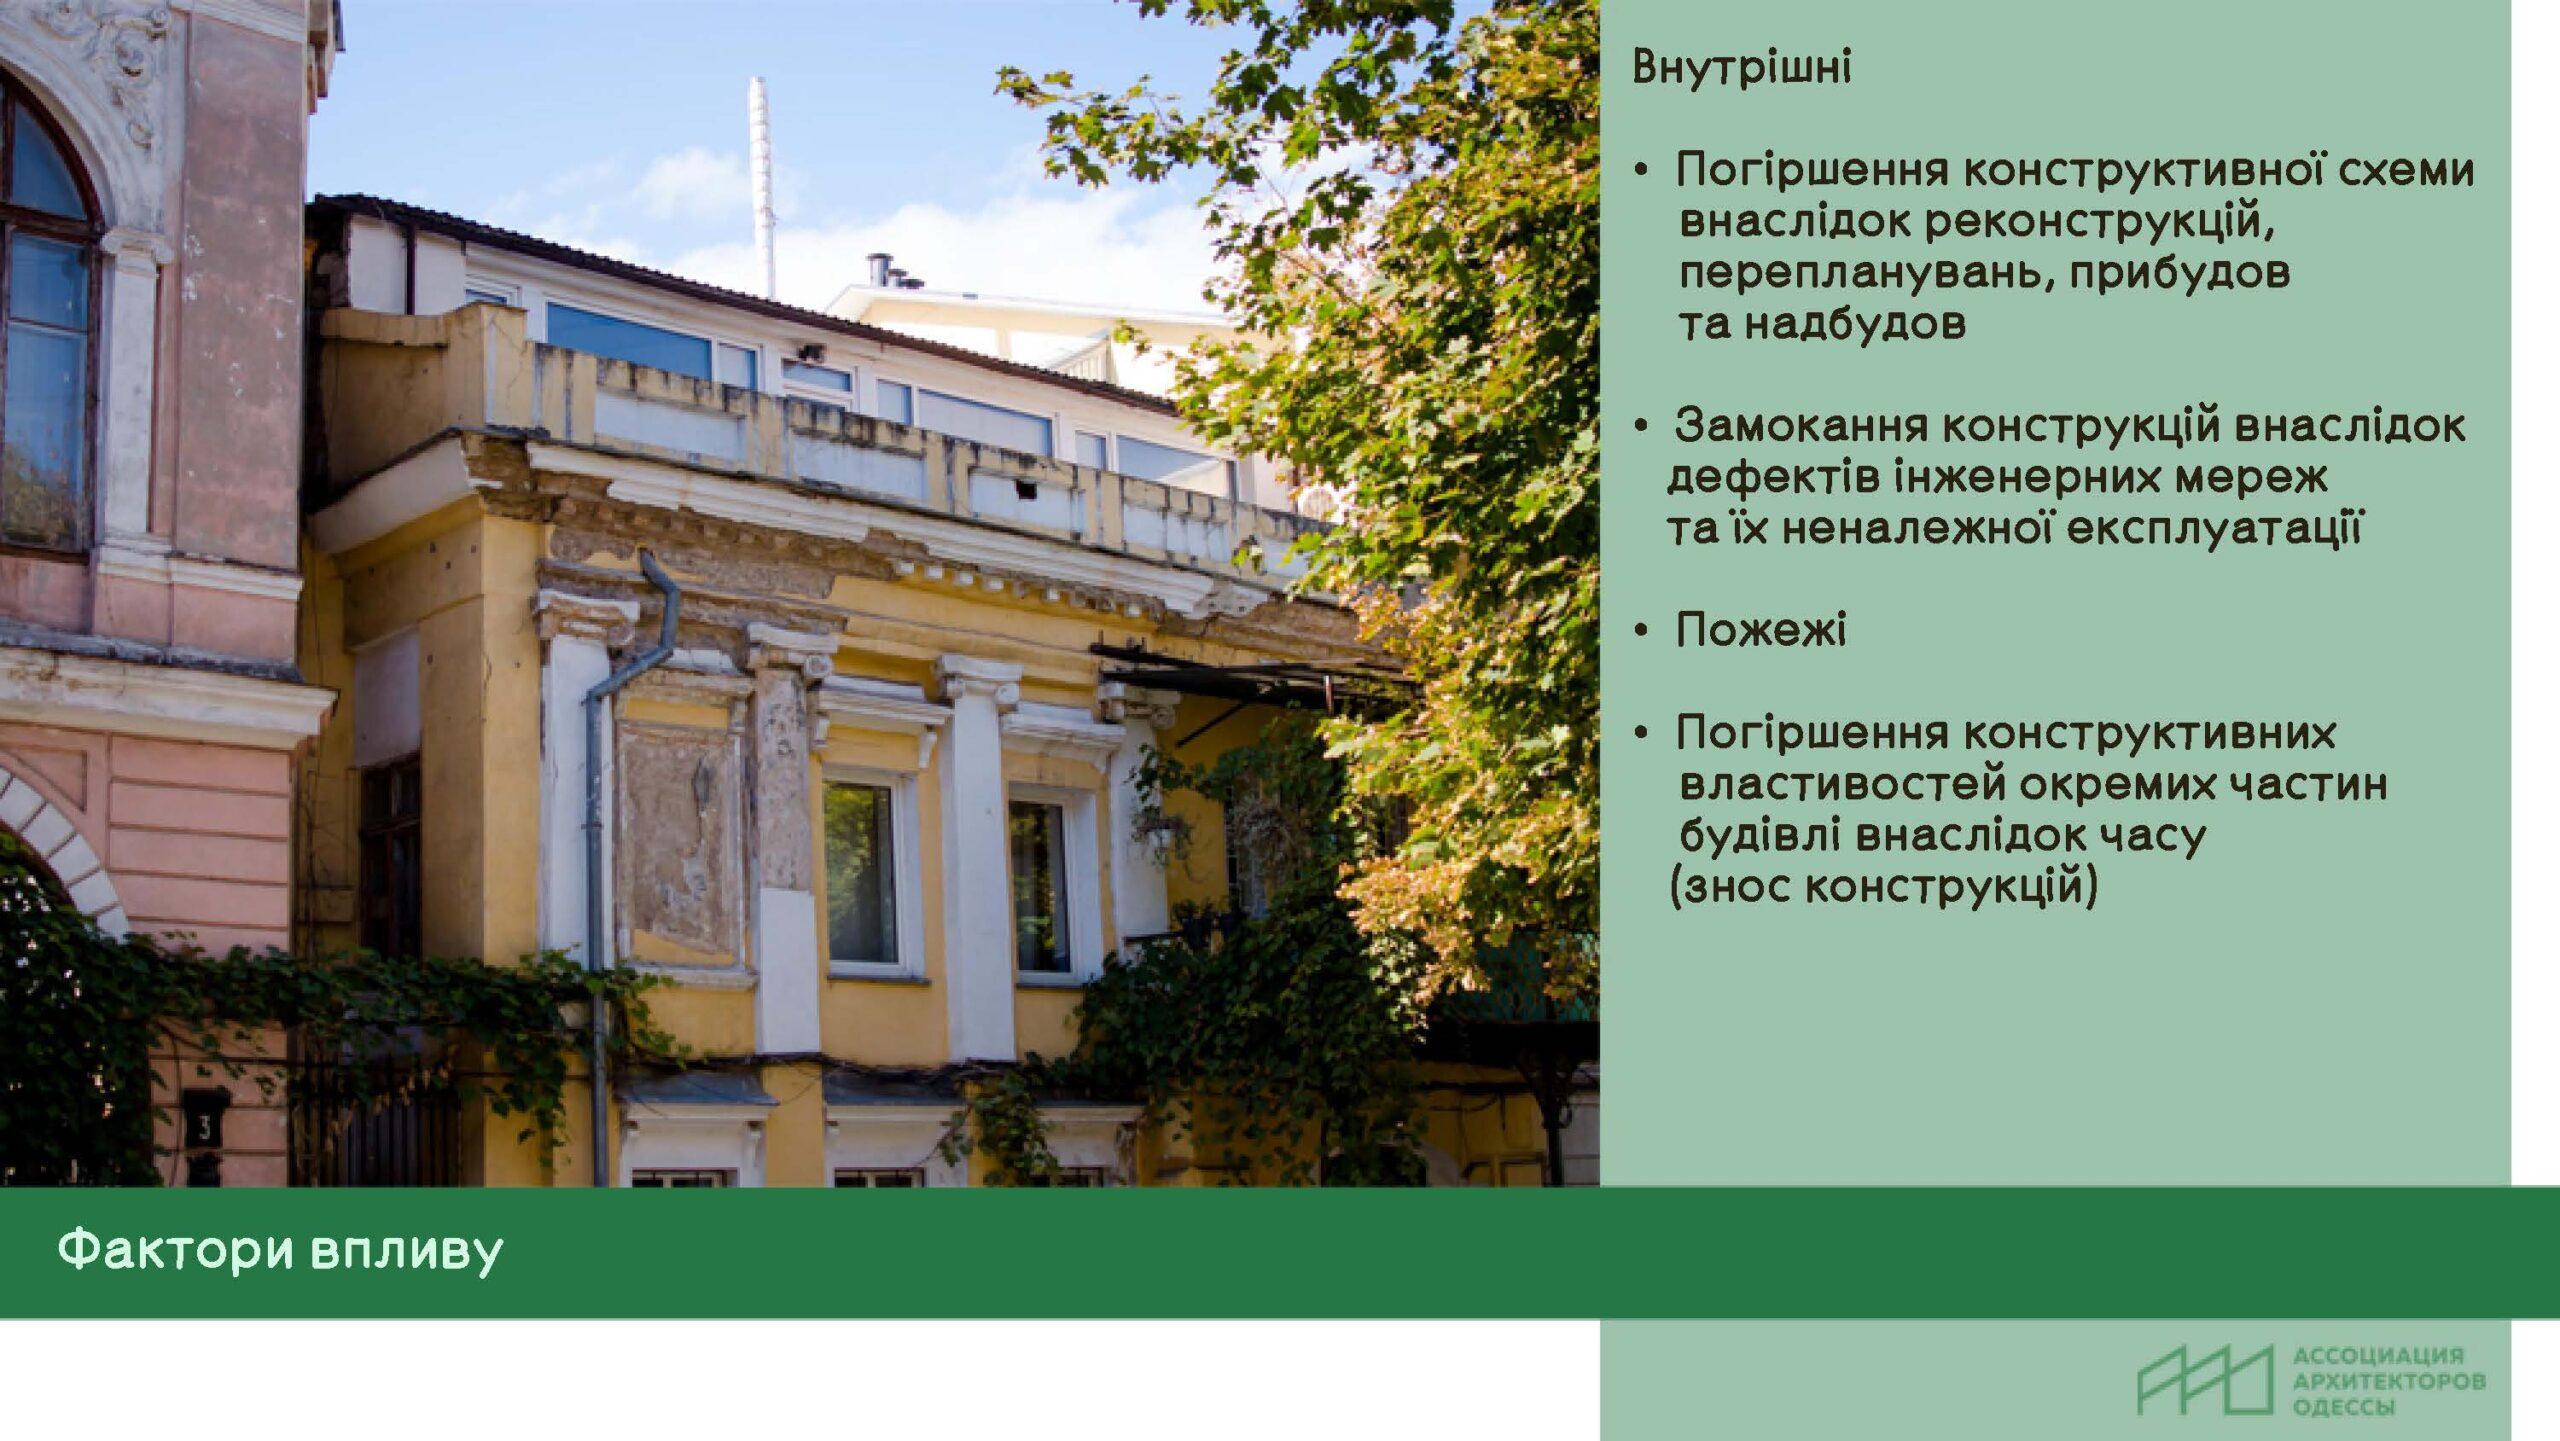 08 ААО Збереження-забудови_Страница_05